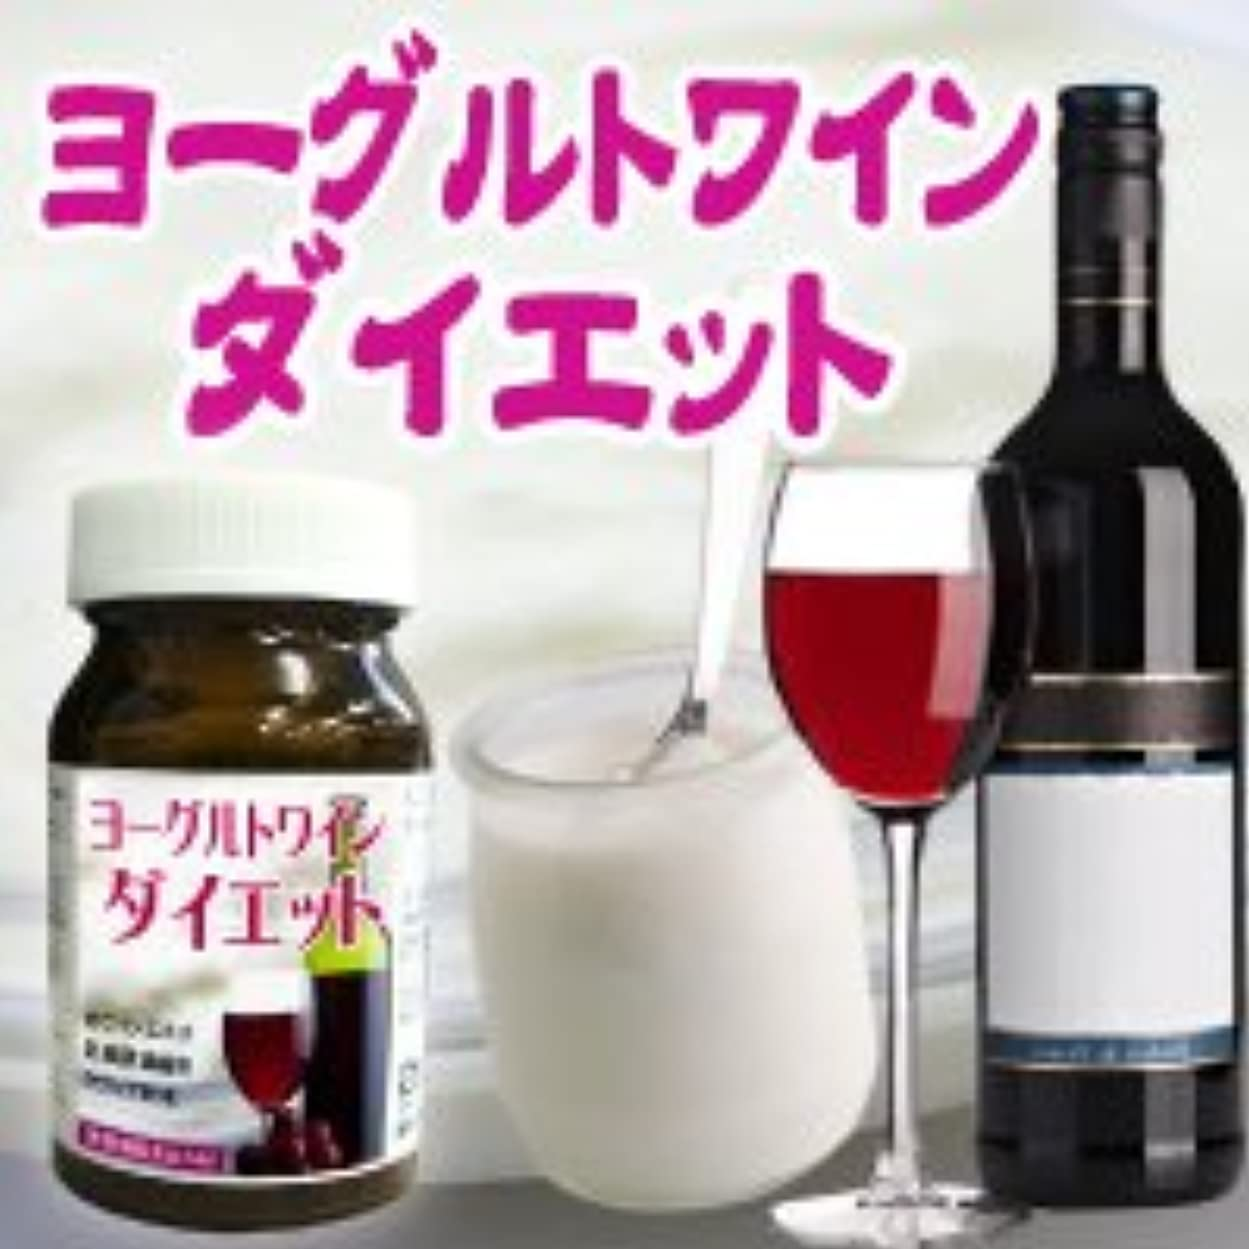 緩やかな爆発物ディプロマヨーグルトワインダイエット サプリメント